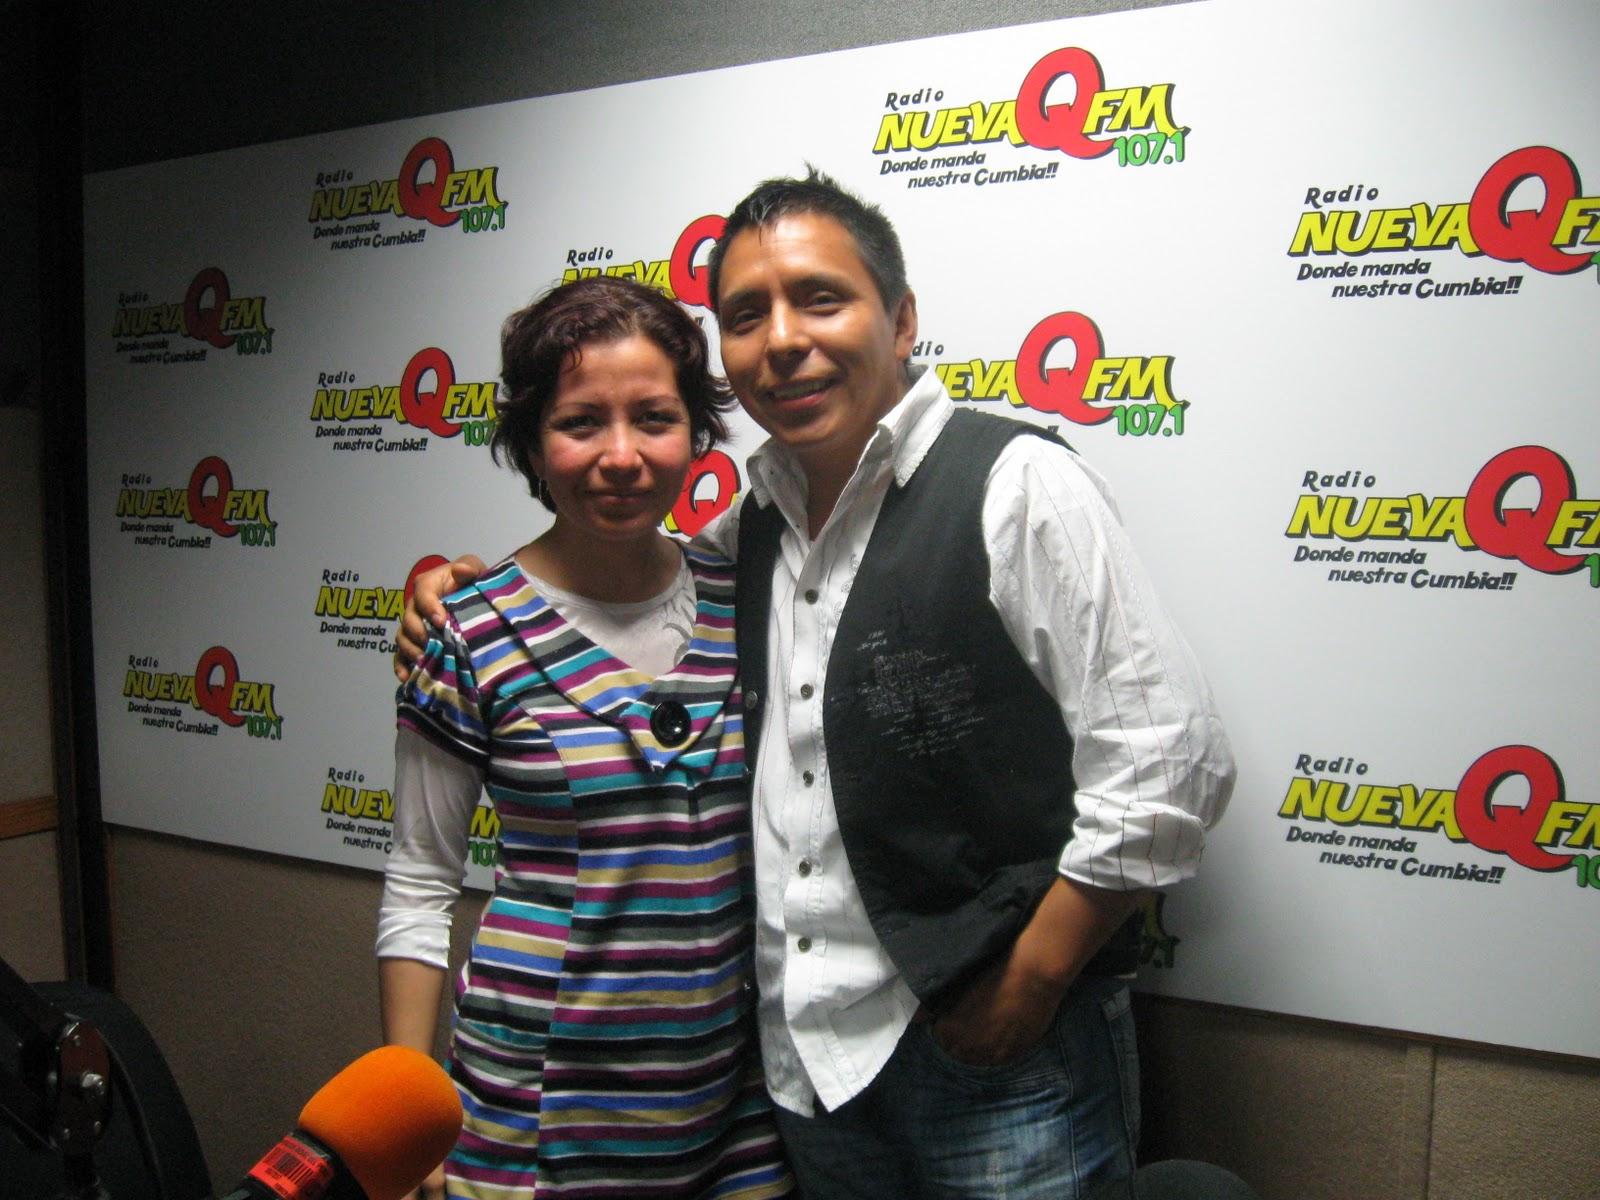 Ritmo Entrevisto A La Locutora Chris Alegria Nacida En La Ciudad De La